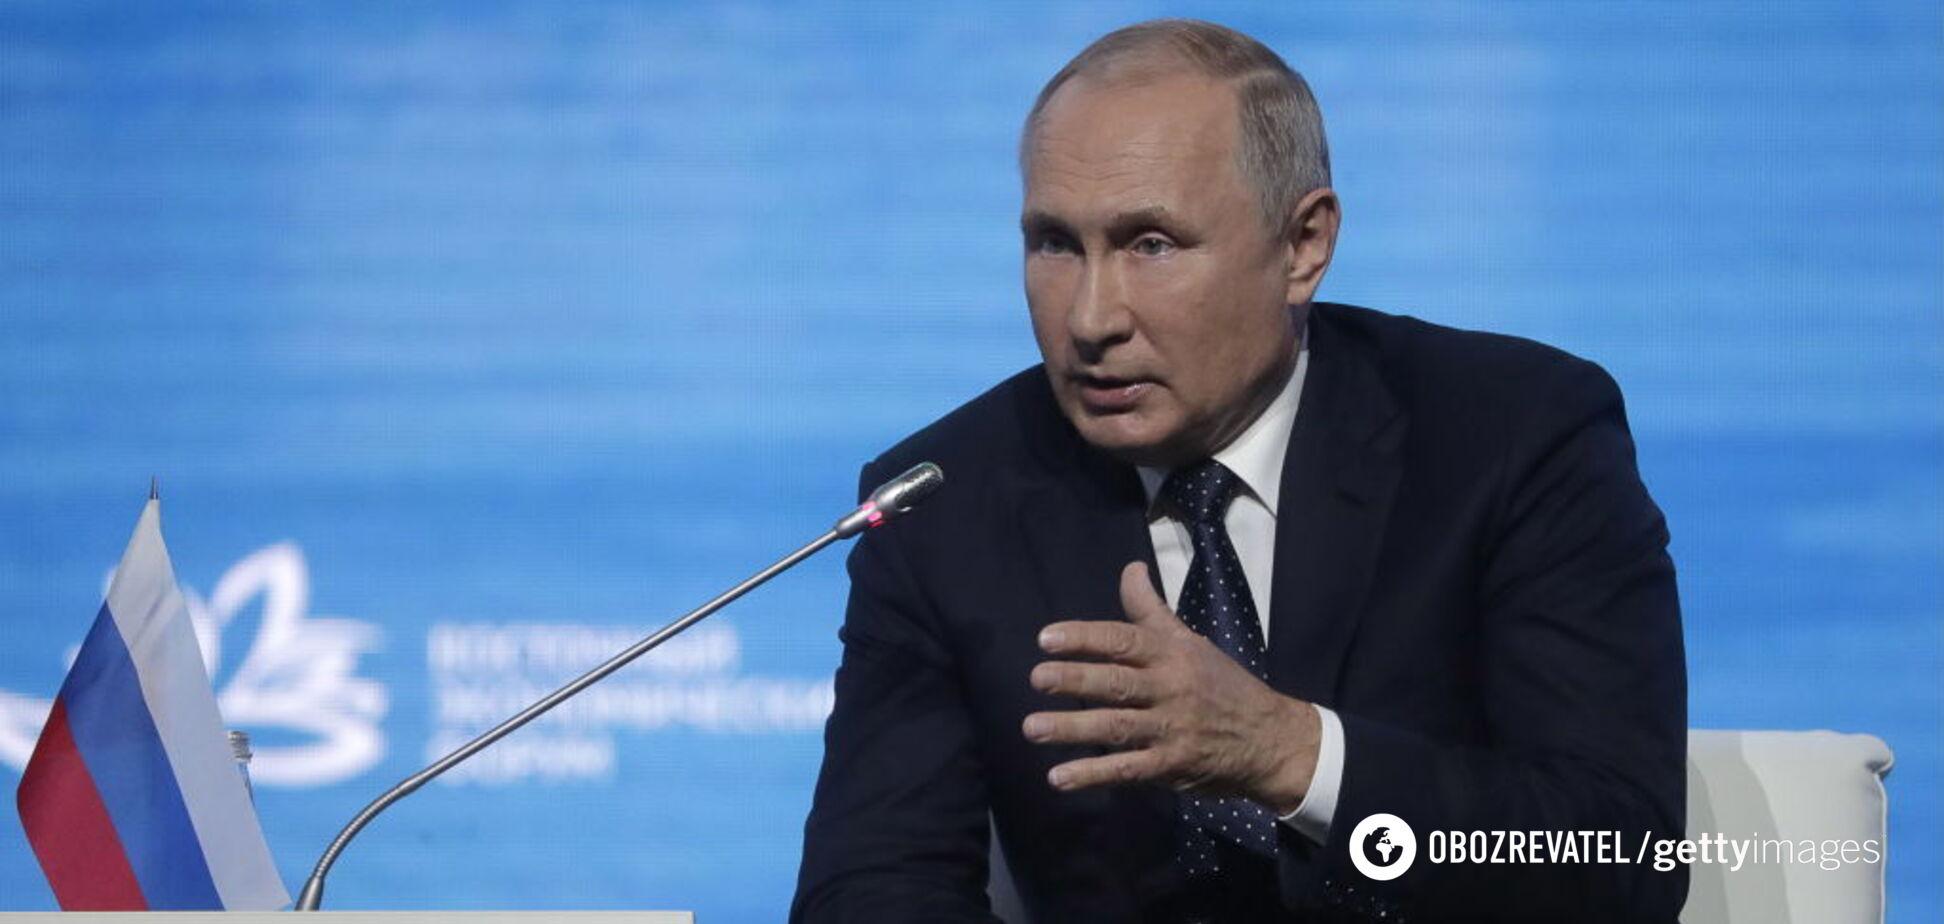 'Не наступайте на граблі!' Путін пригрозив Зеленському через Медведчука